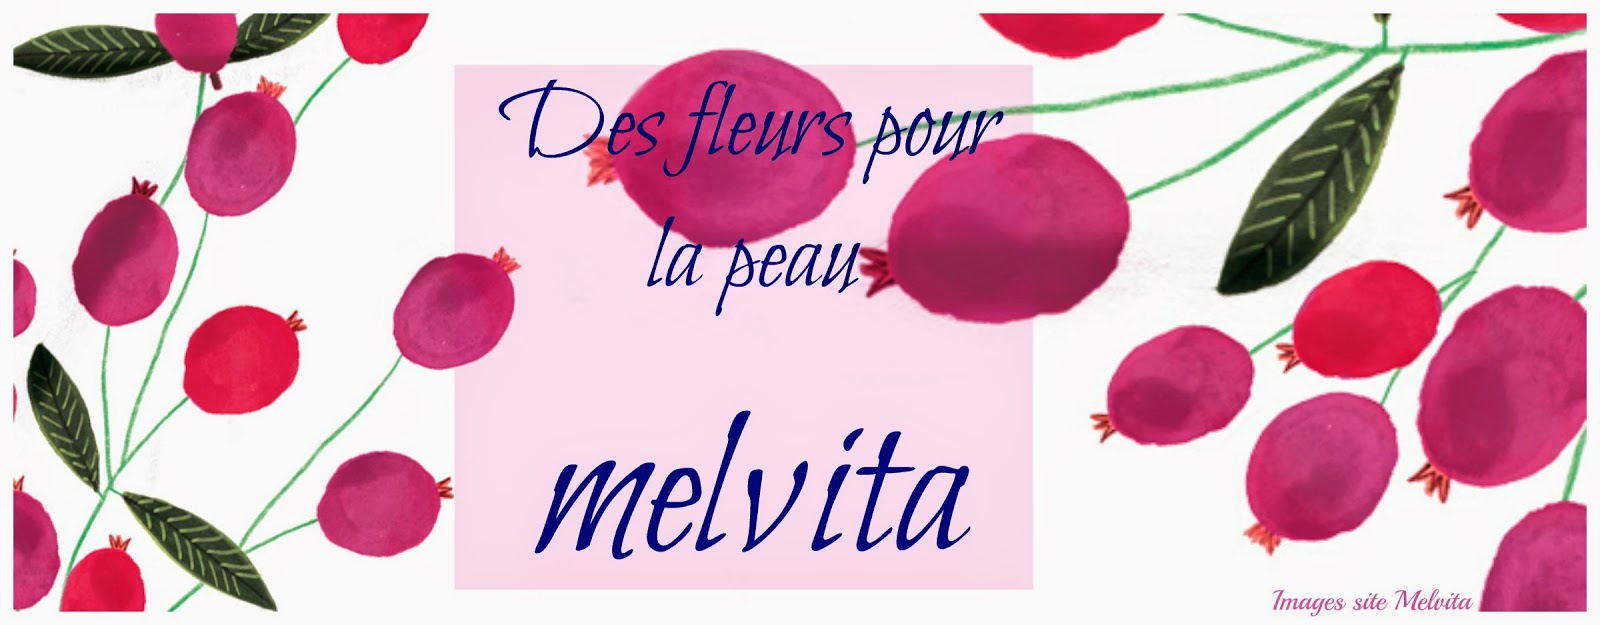 Mon visage se repulpe en s'offrant des fleurs Melvita